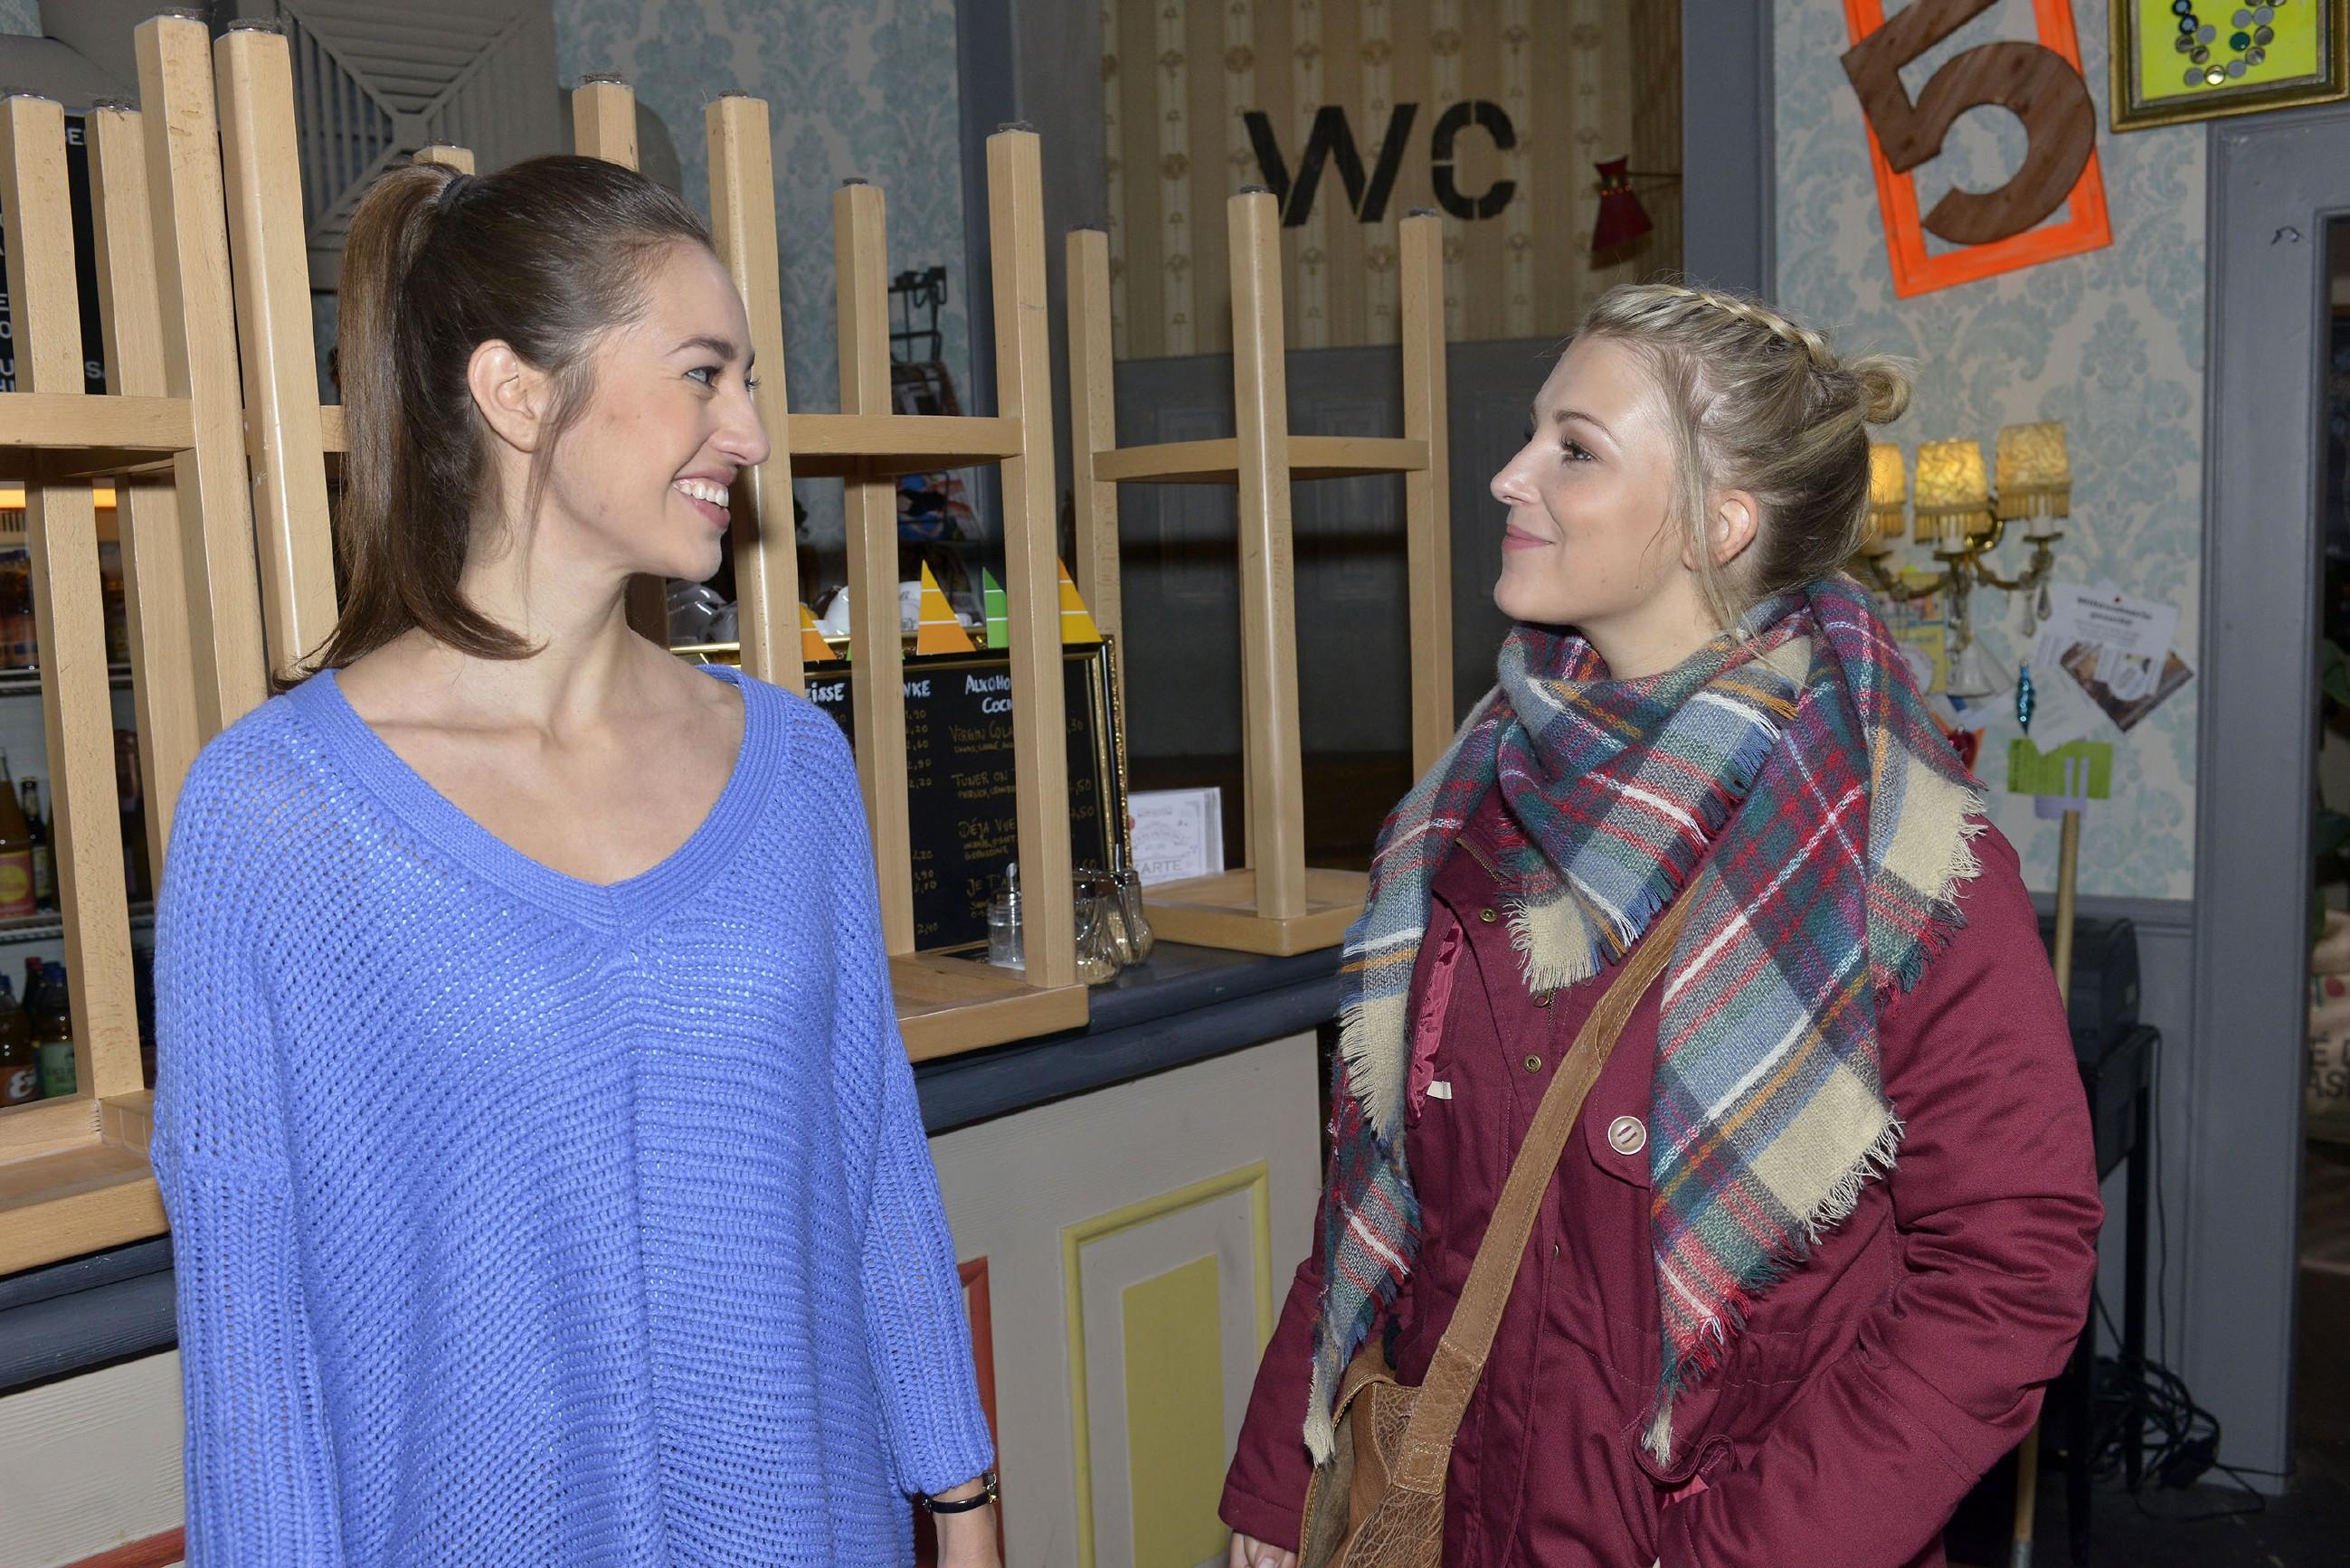 Elena (Elena Garcia Gerlach, l.) freut sich, als sie von Lilly (Iris Mareike Steen) zum WG-Weihnachtsessen eingeladen wird und ihre Hoffnung, sich mit den Freunden aussöhnen zu können, wächst. (RTL / Rolf Baumgartner)